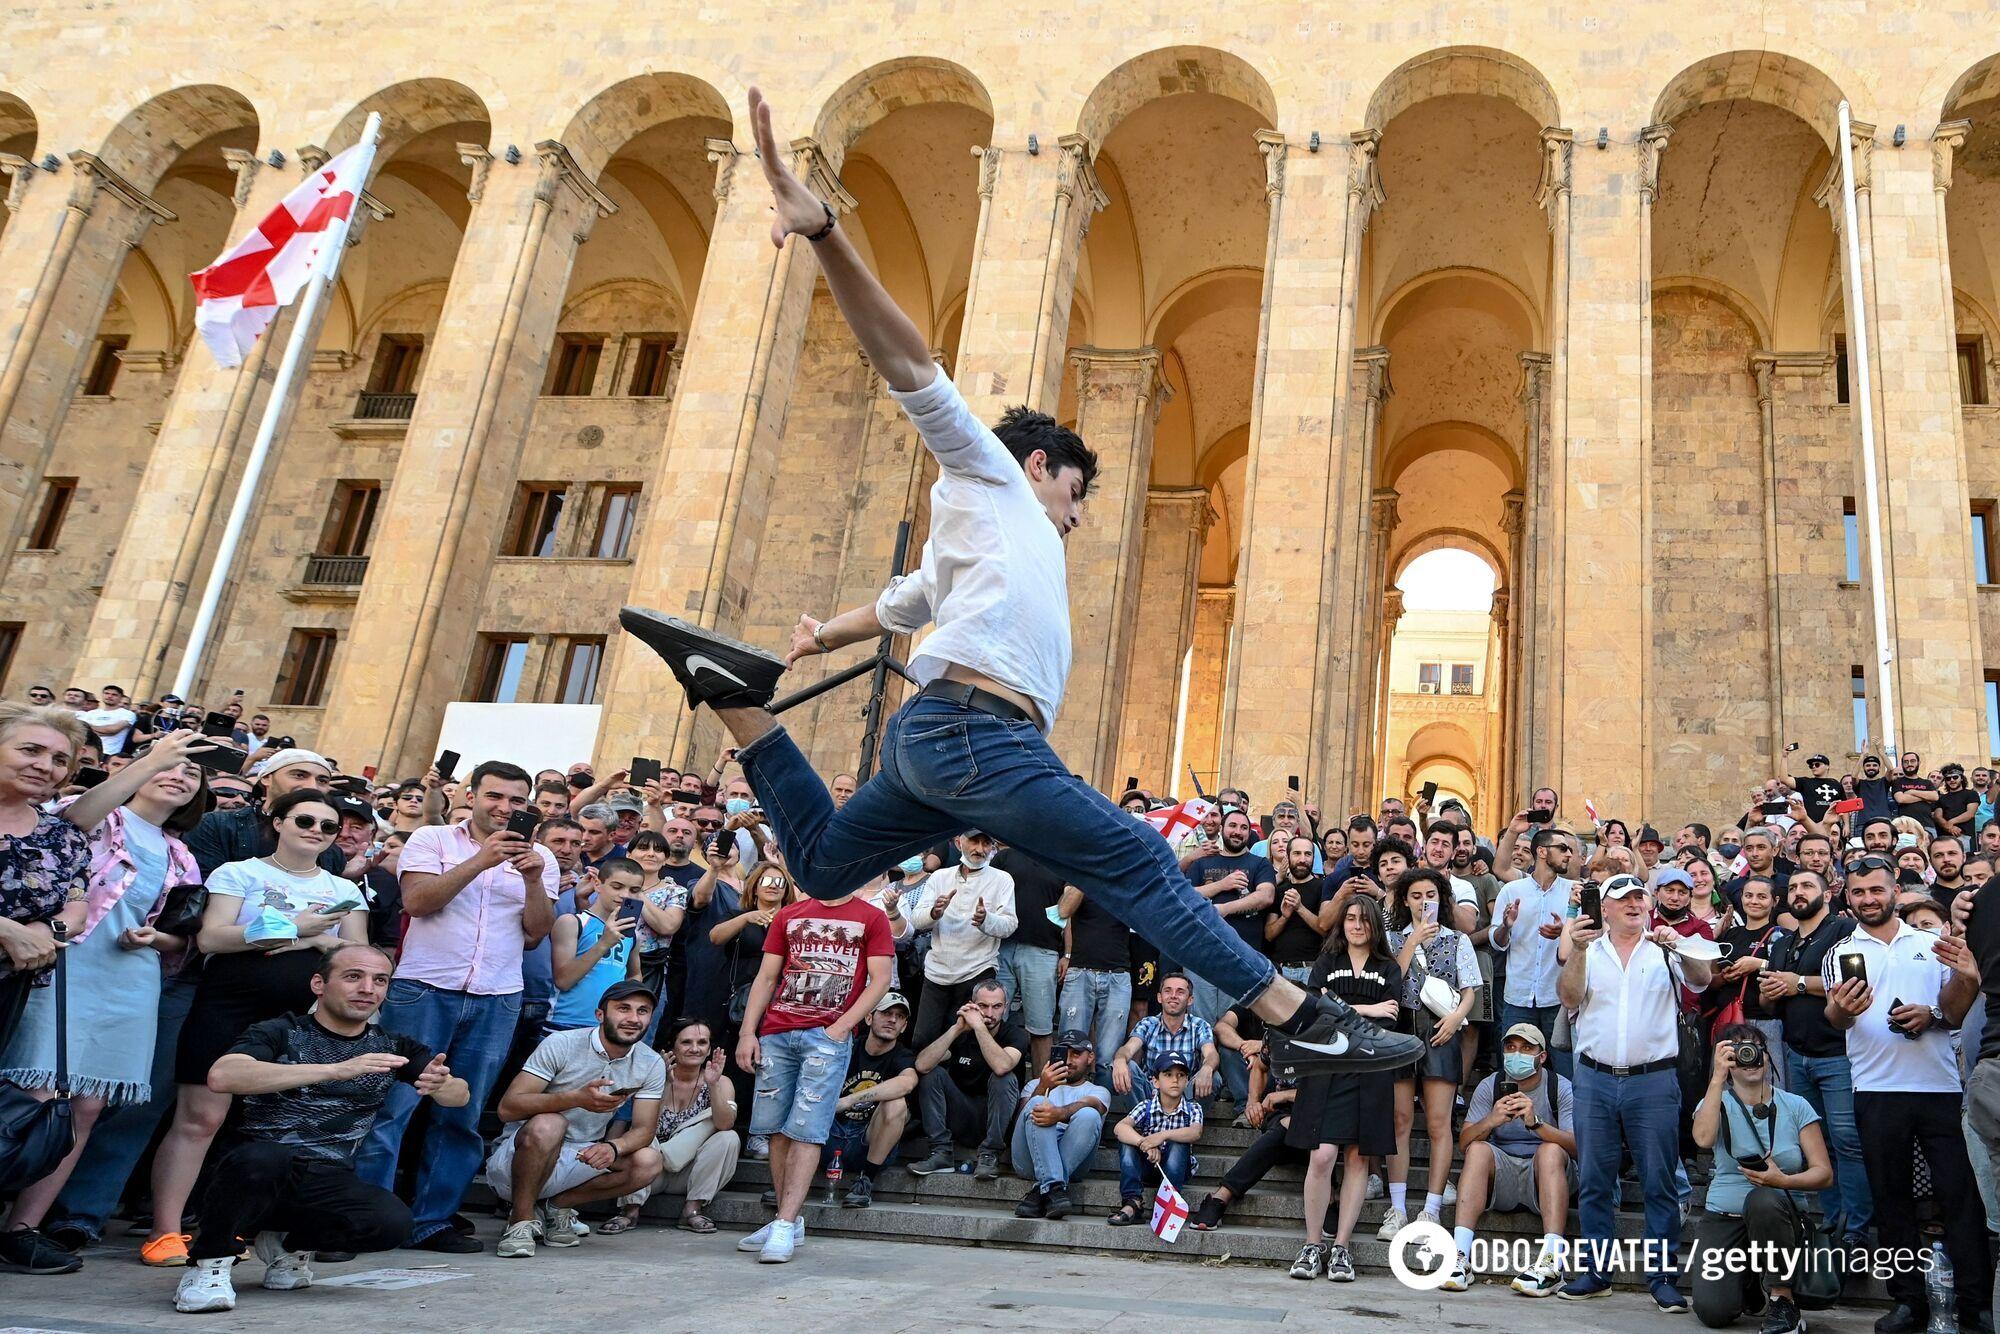 Противники прайда устроили танцы после его отмены.